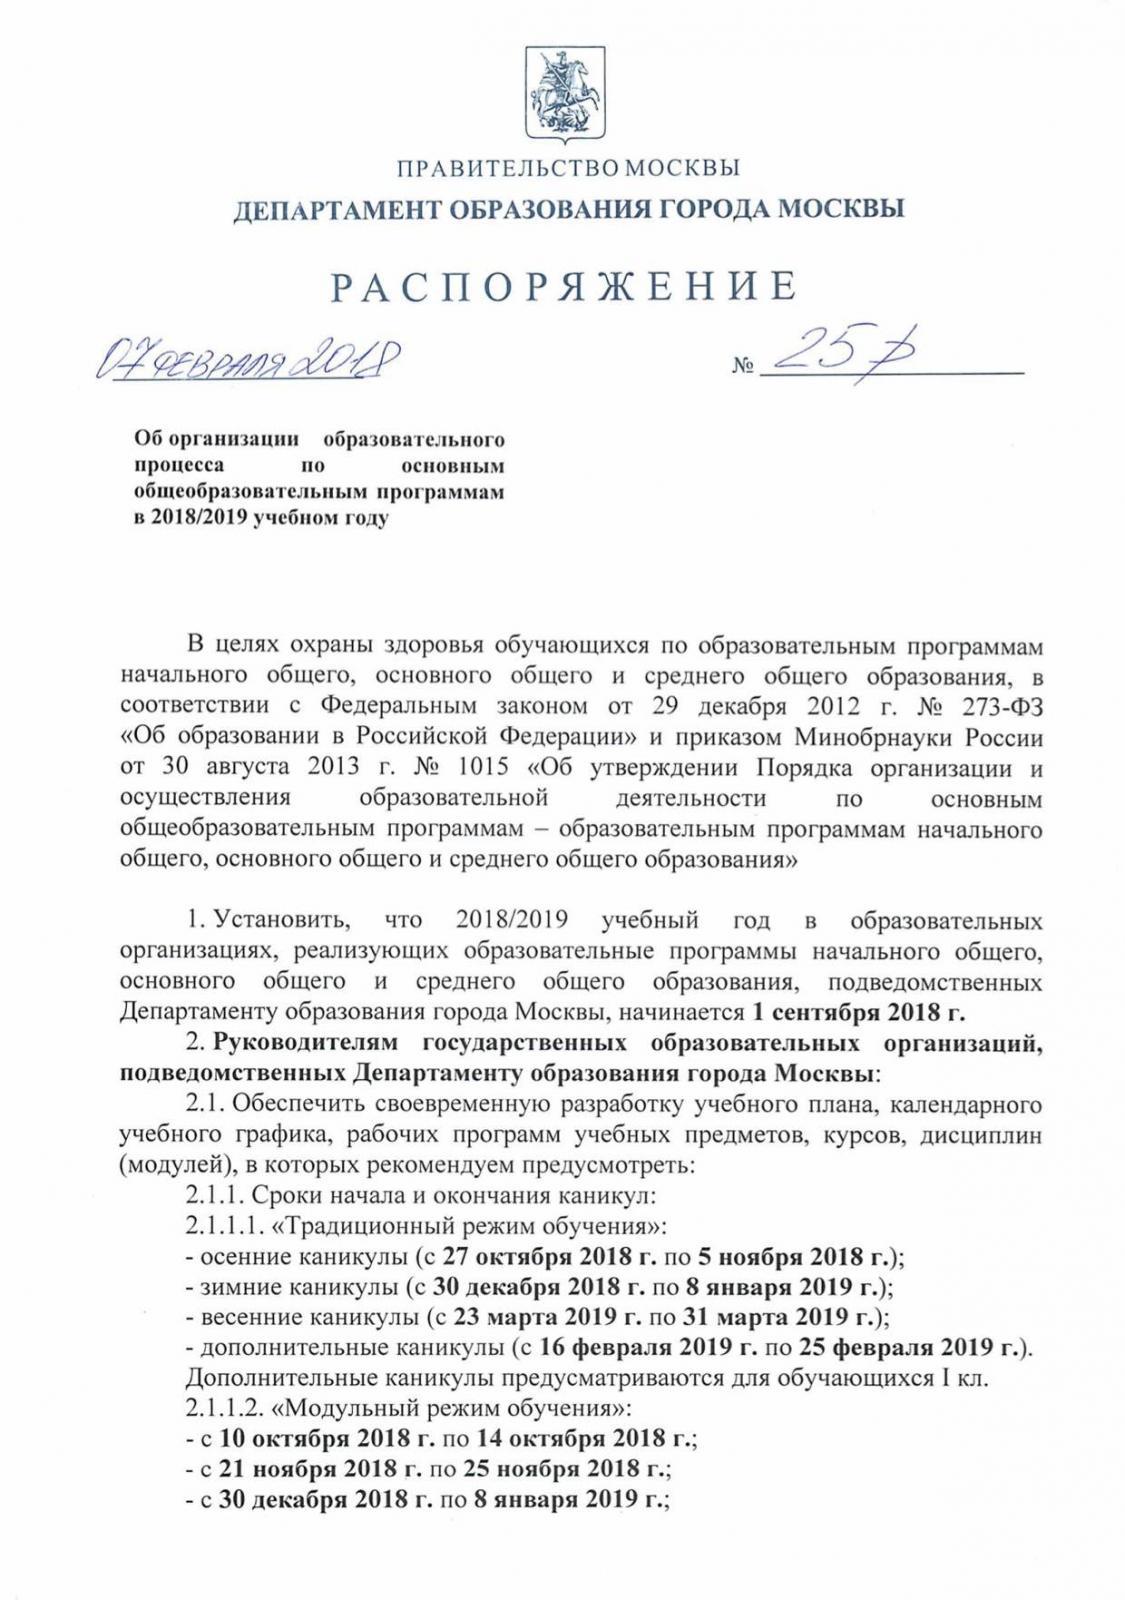 25р_КАНИКУЛЫ_2018-2019.jpg